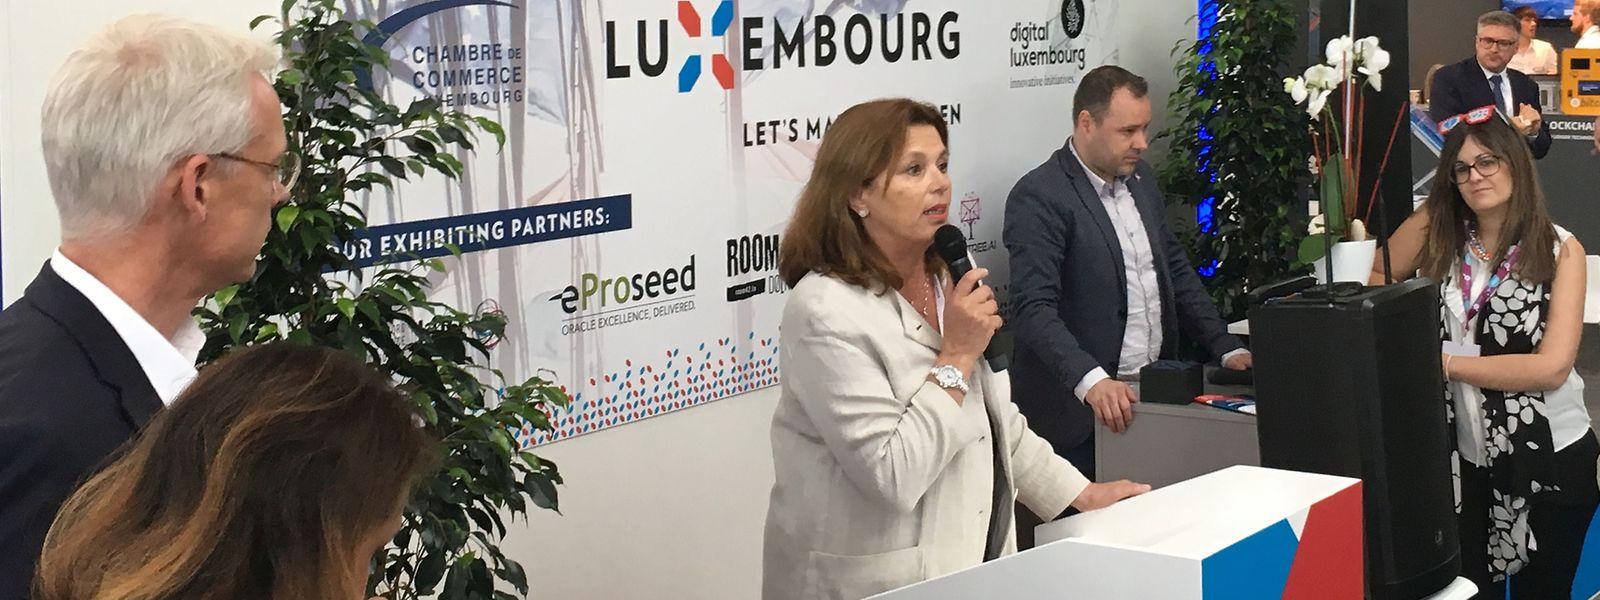 Sous les yeux du directeur des Deutsche Messe, la directrice de la House of start-ups, Karin Schintgen, a assuré que le Luxembourg serait là l'année prochaine. Encore plus ambitieux.